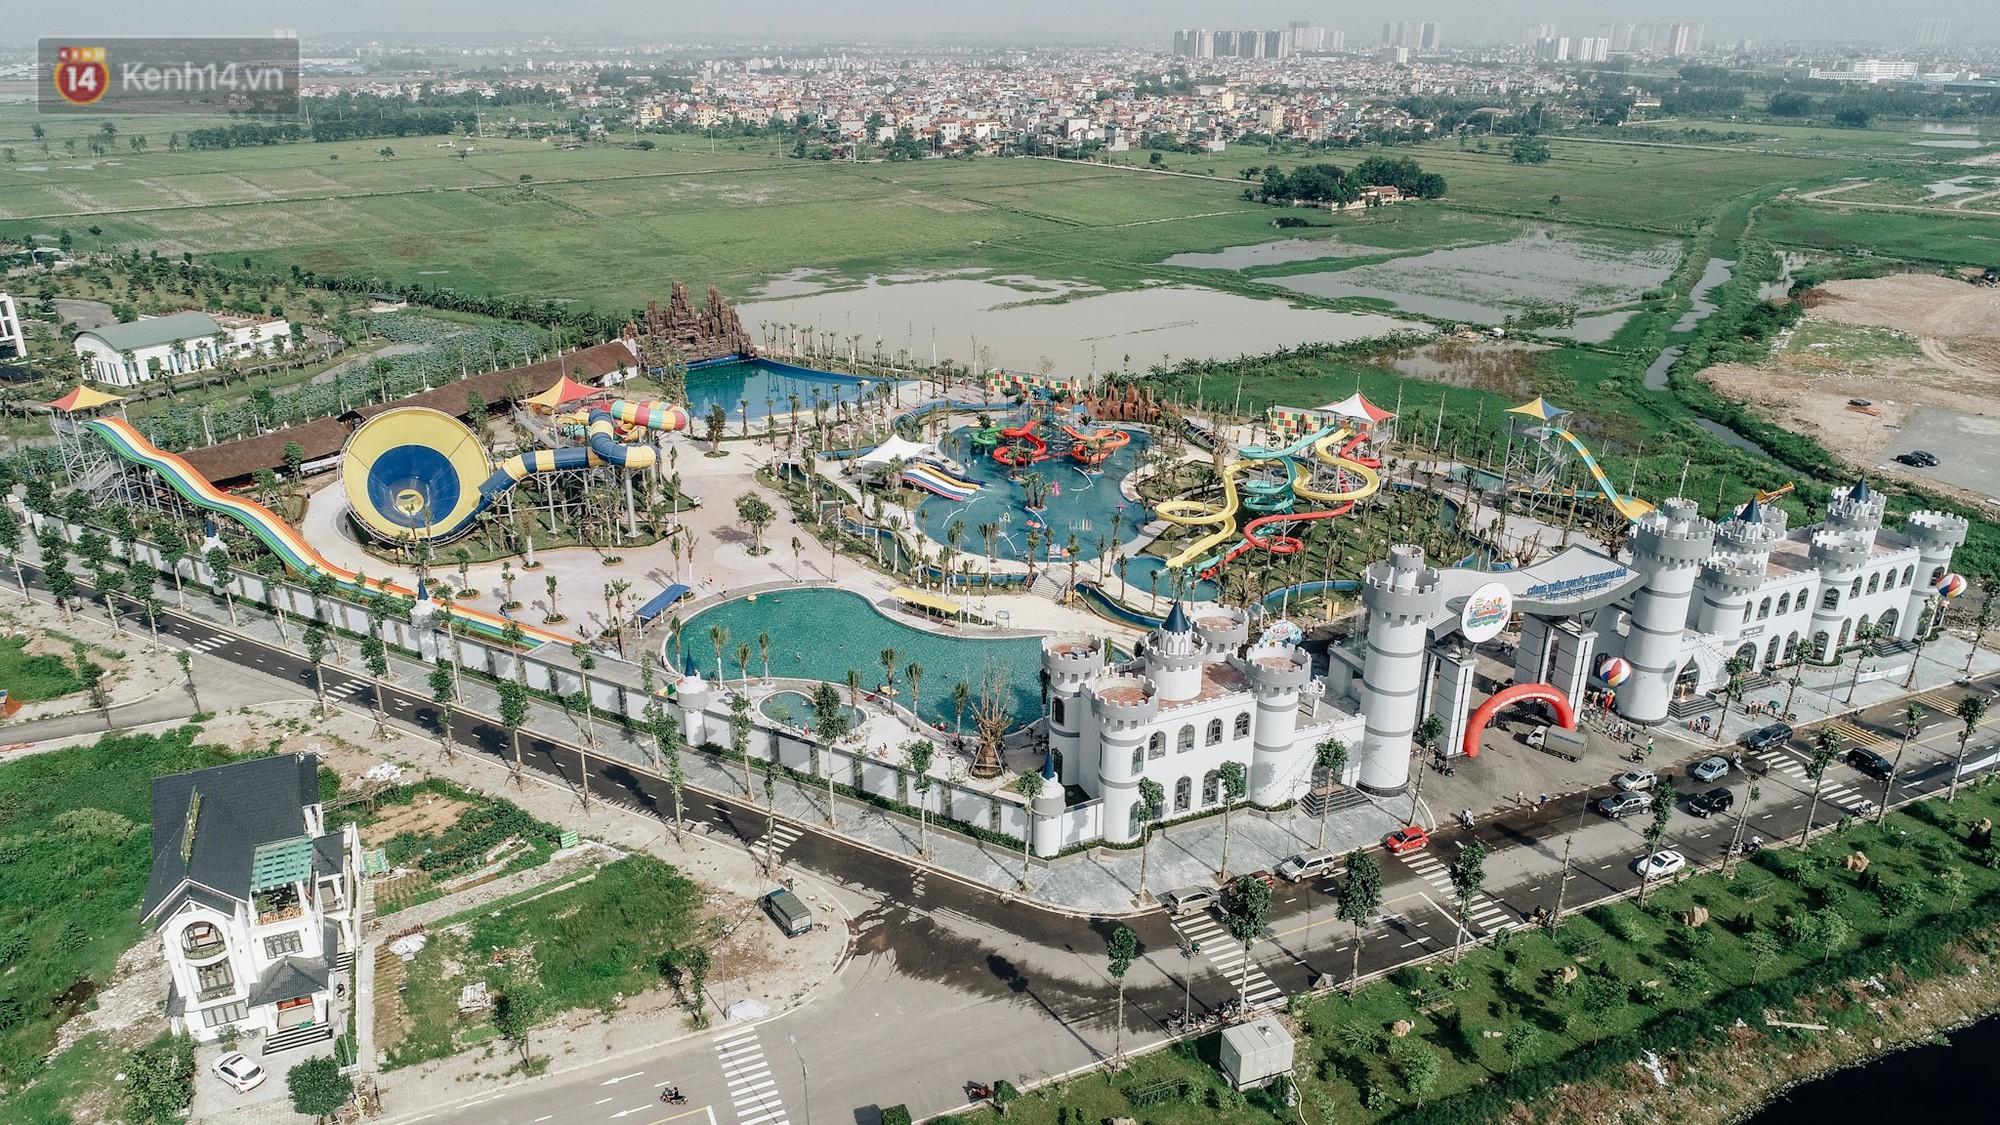 Ảnh, clip: Người dân Hà Nội thích thú trải nghiệm công viên nước hiện đại nhất Thủ đô trong ngày đầu mở cửa - Ảnh 2.